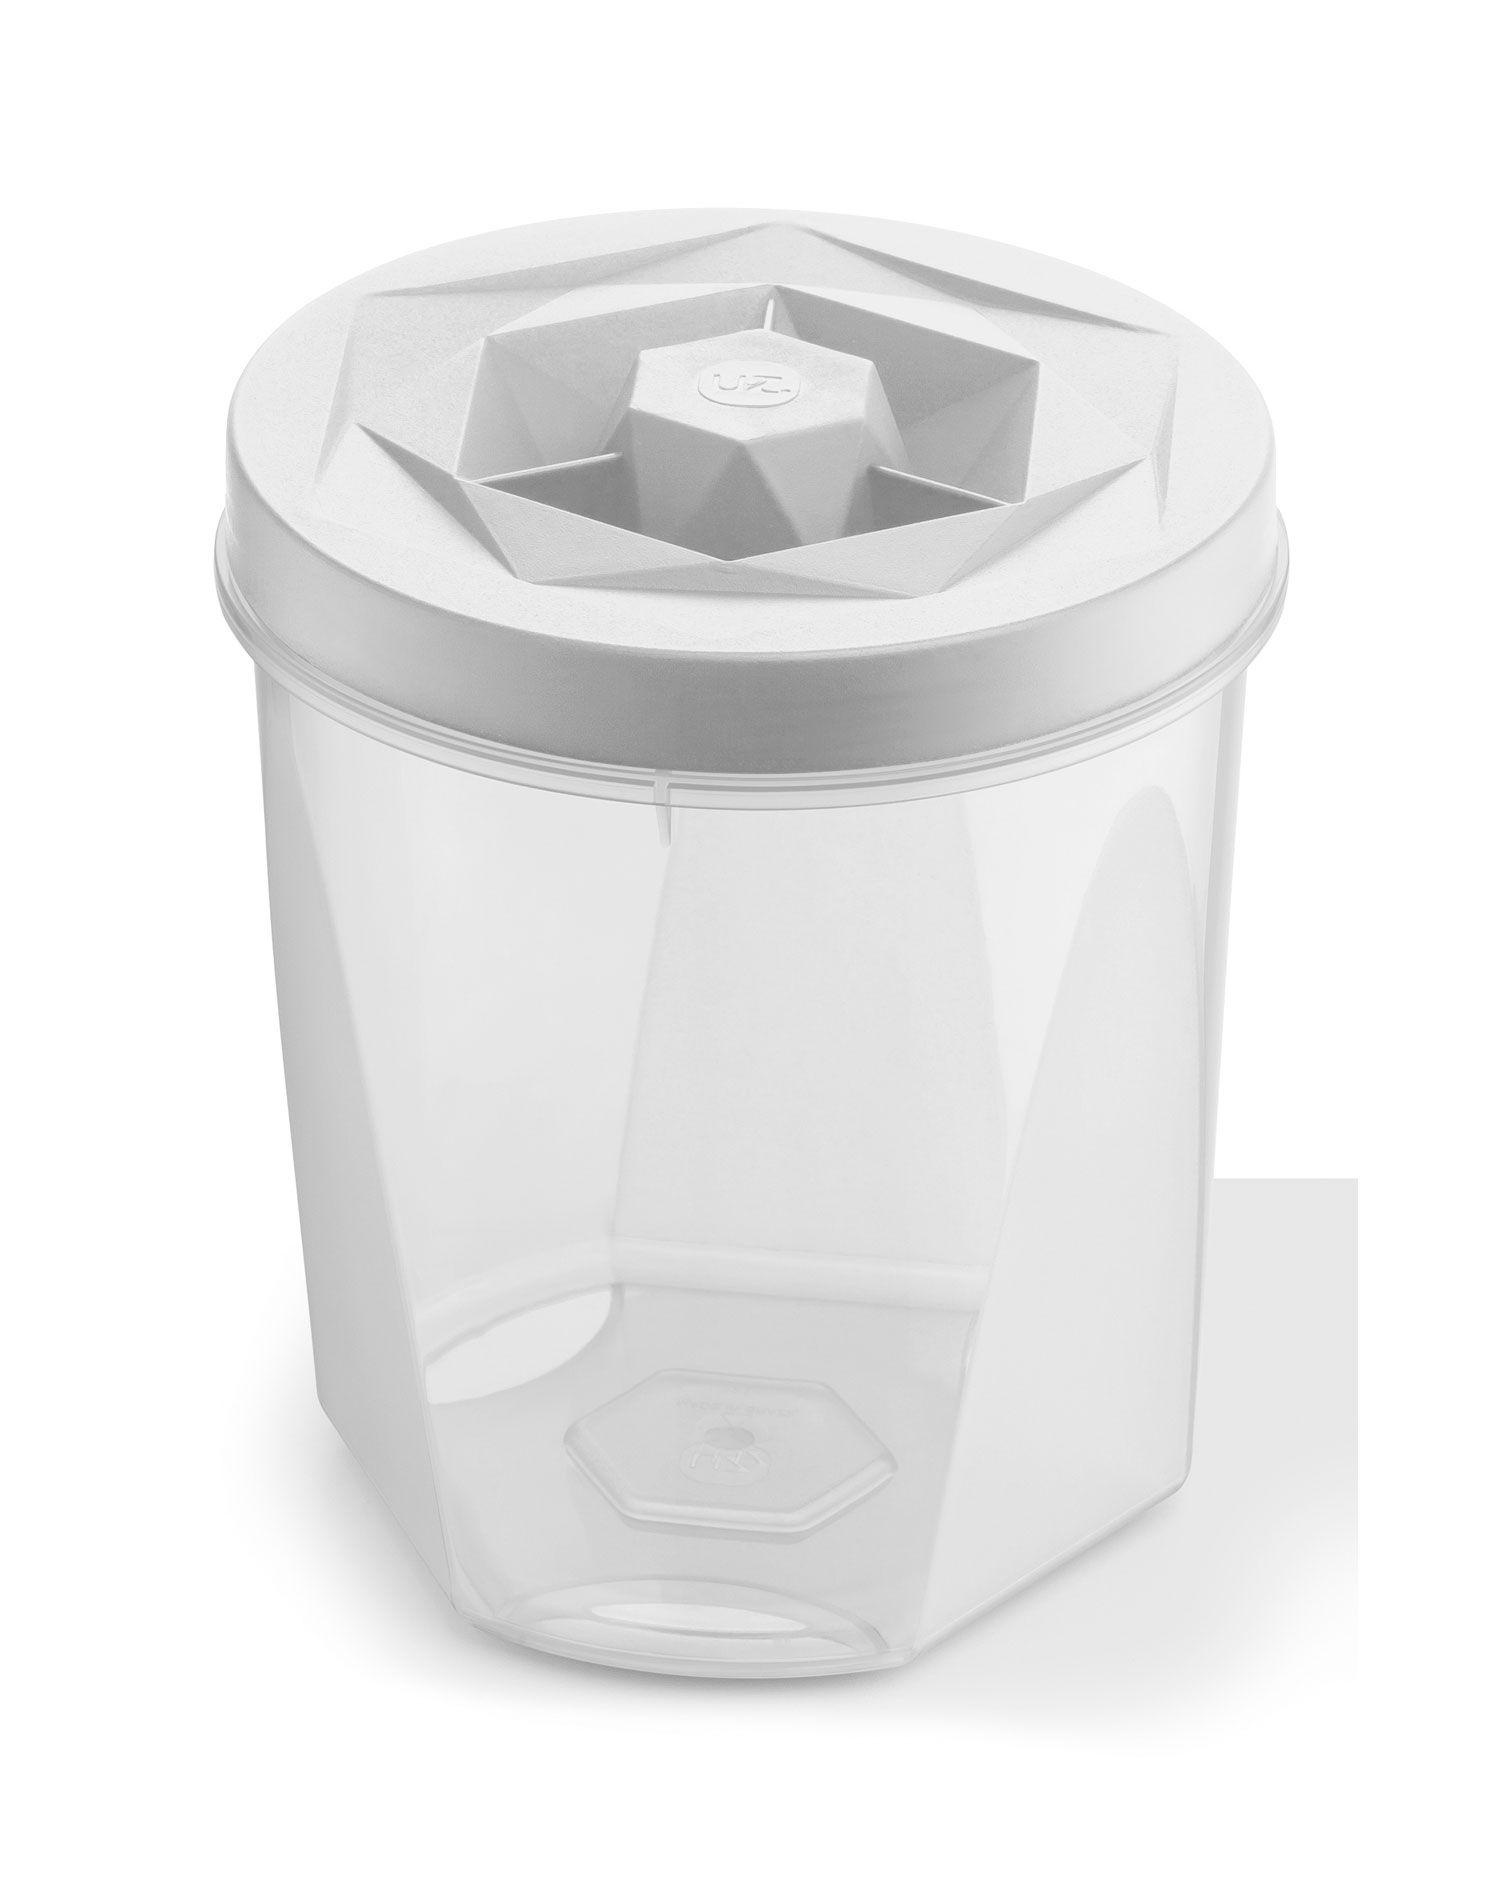 Porta Mantimentos 1,1 litros Branco - Linha Vision - UZ Utilidades  - Lojão de Ofertas